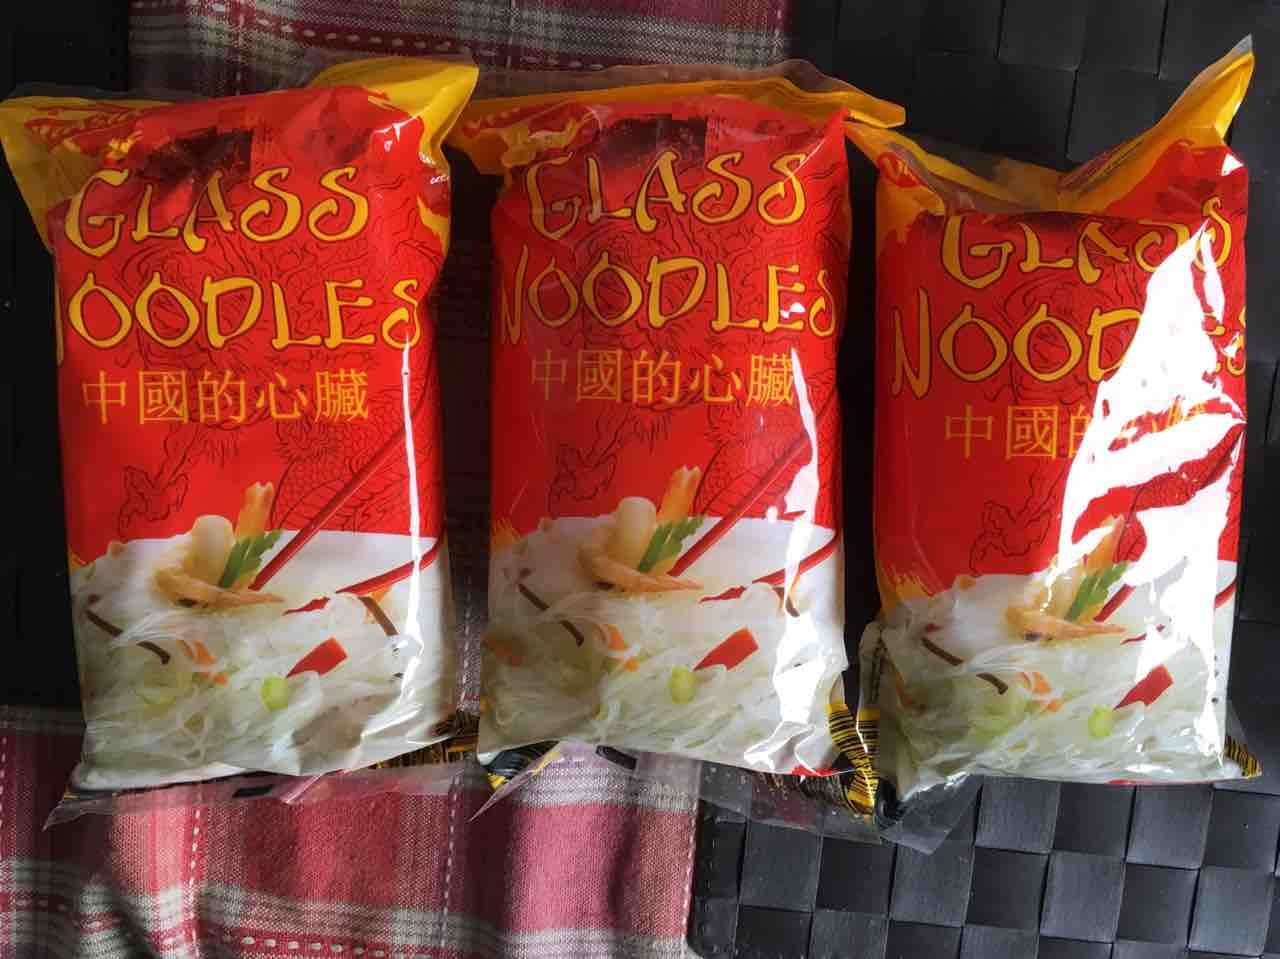 3x glass noodles lidl